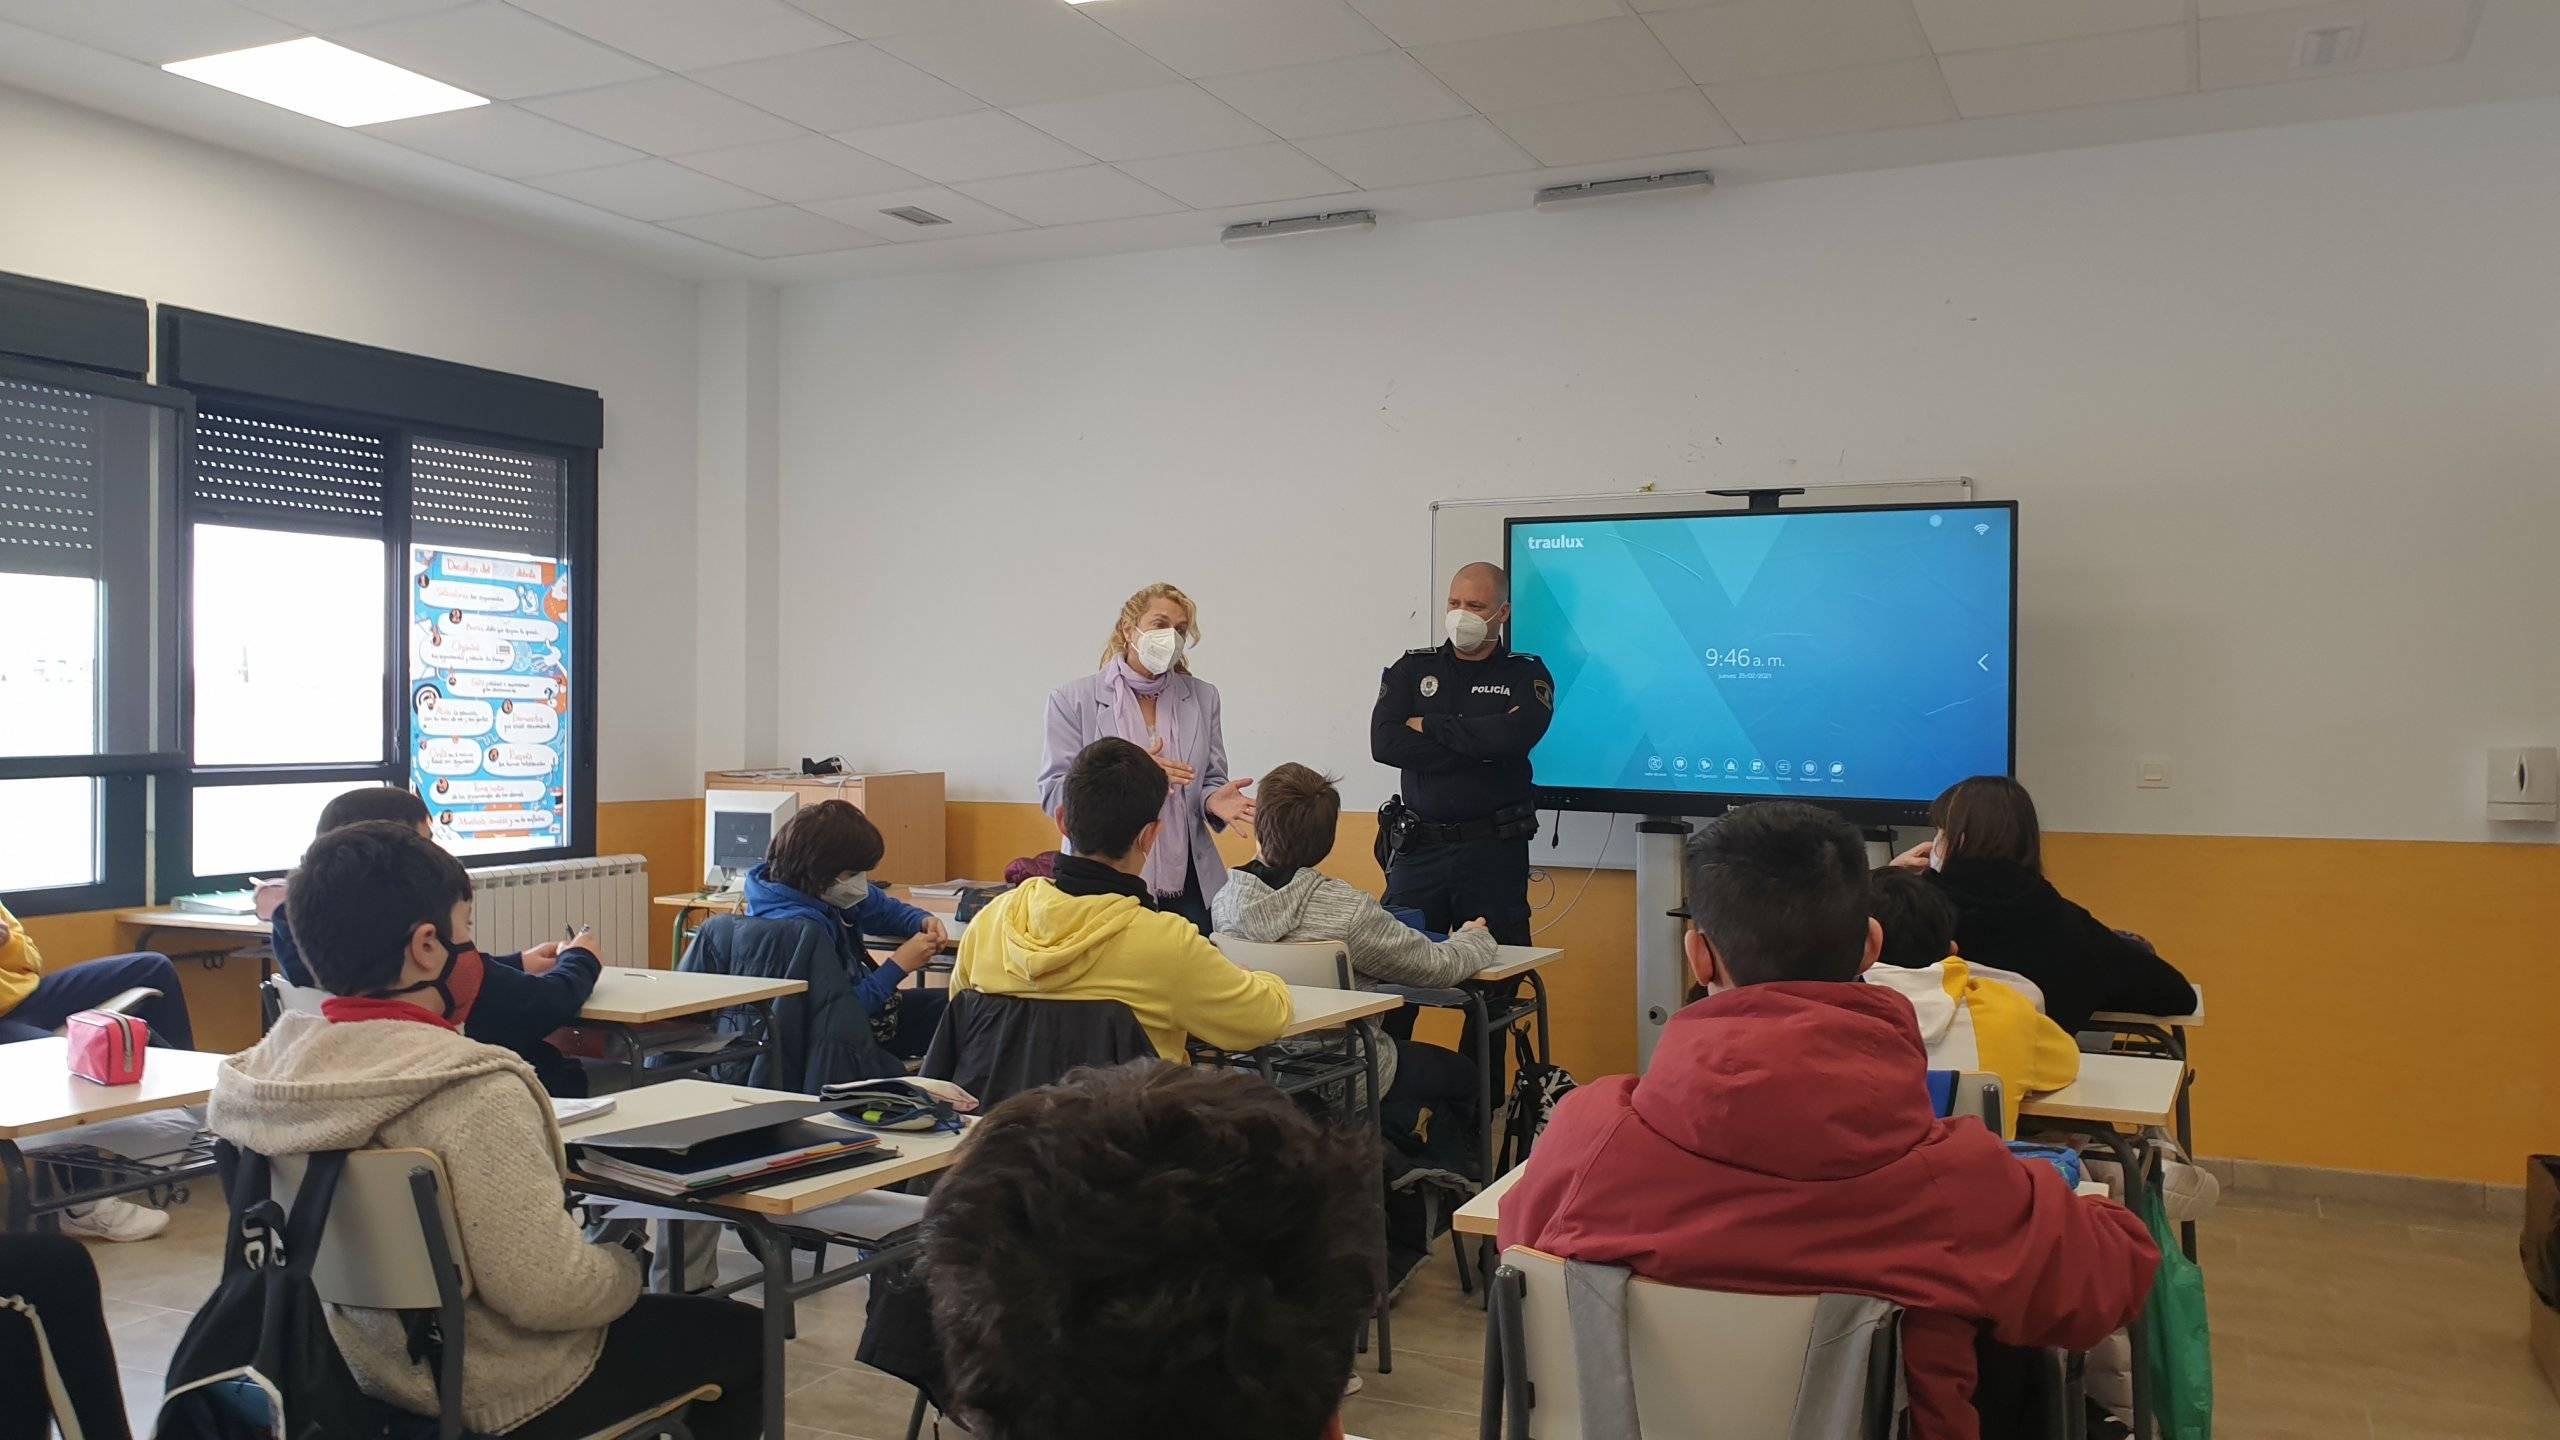 La directora del CEIPSO Padre Garralda junto al policía de la Unidad de Agente Tutor en un aula con alumnos.